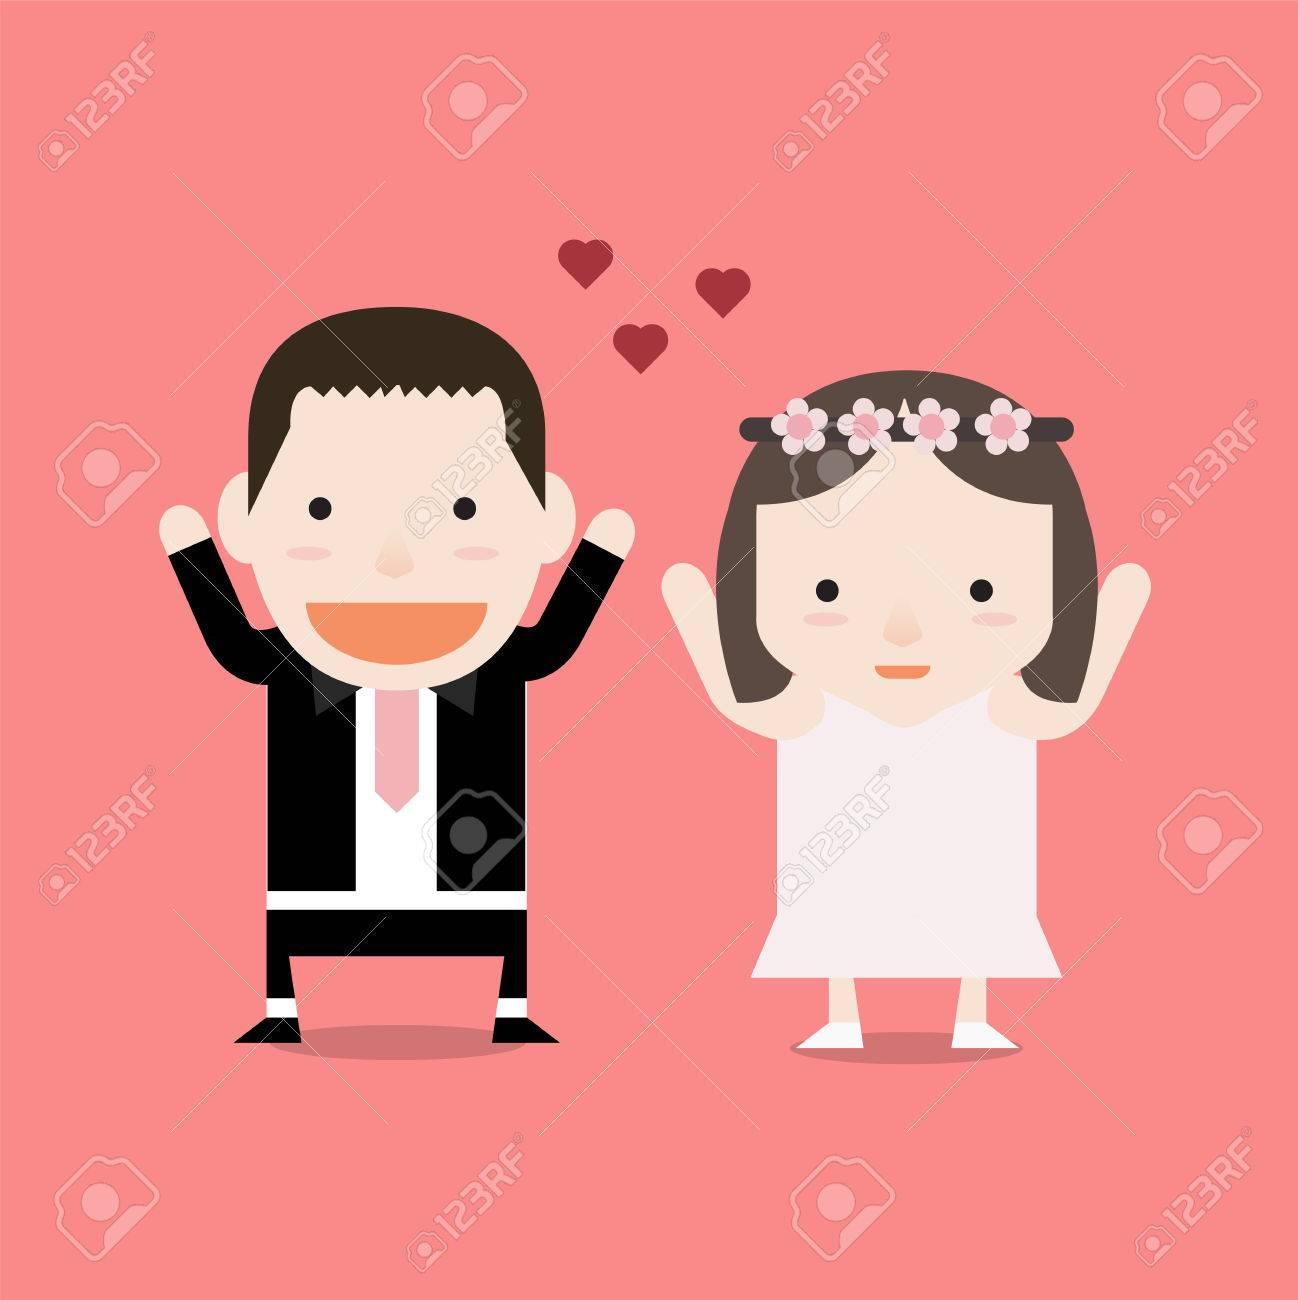 Wedding Ceremony - 51692736